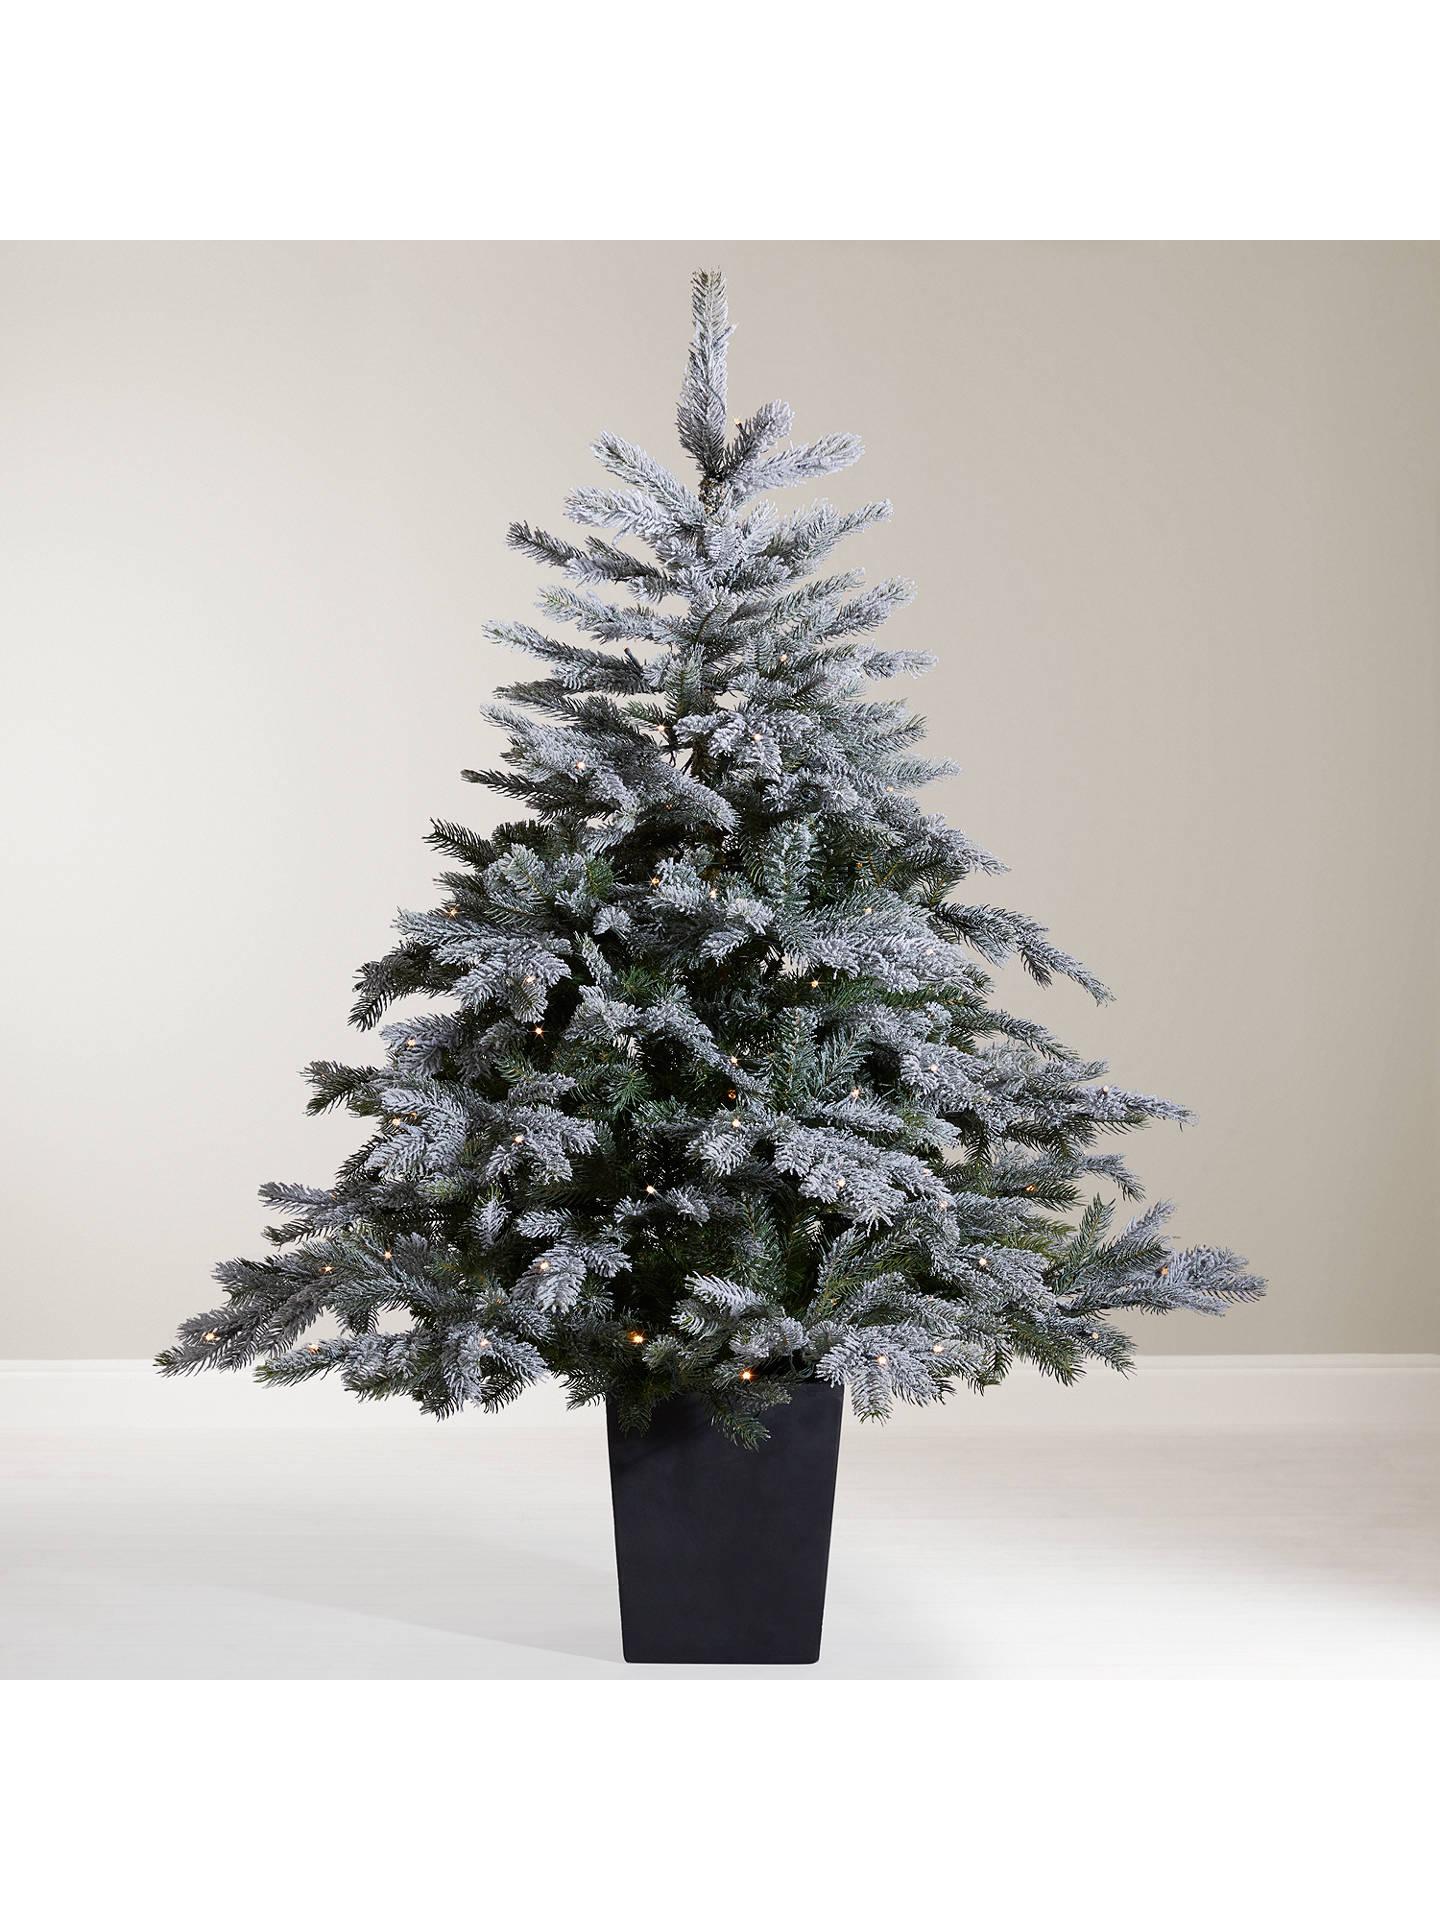 John Lewis Isla Mist Pre-Lit Potted Christmas Tree, 4.5ft at John Lewis & Partners